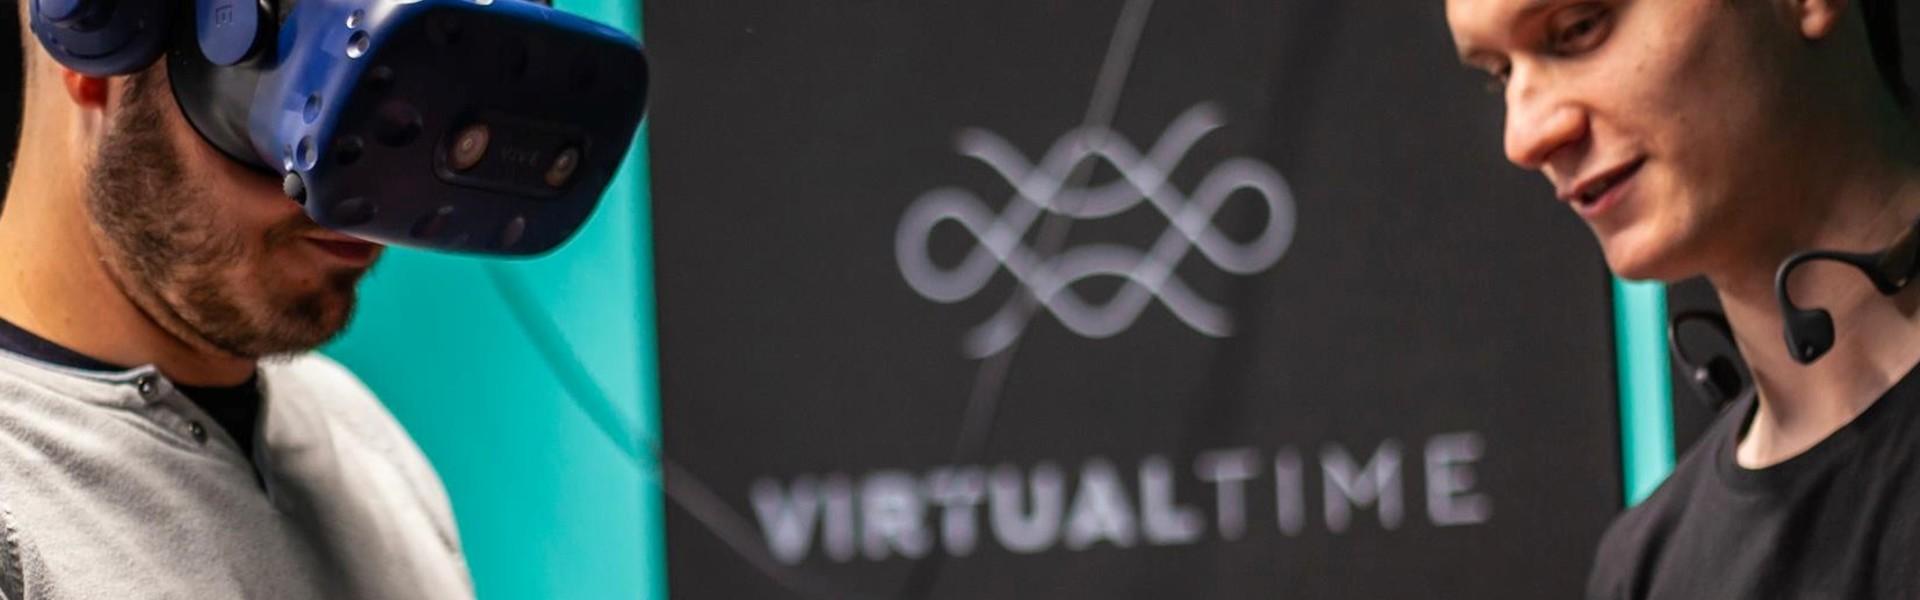 Réalité Virtuelle Paris